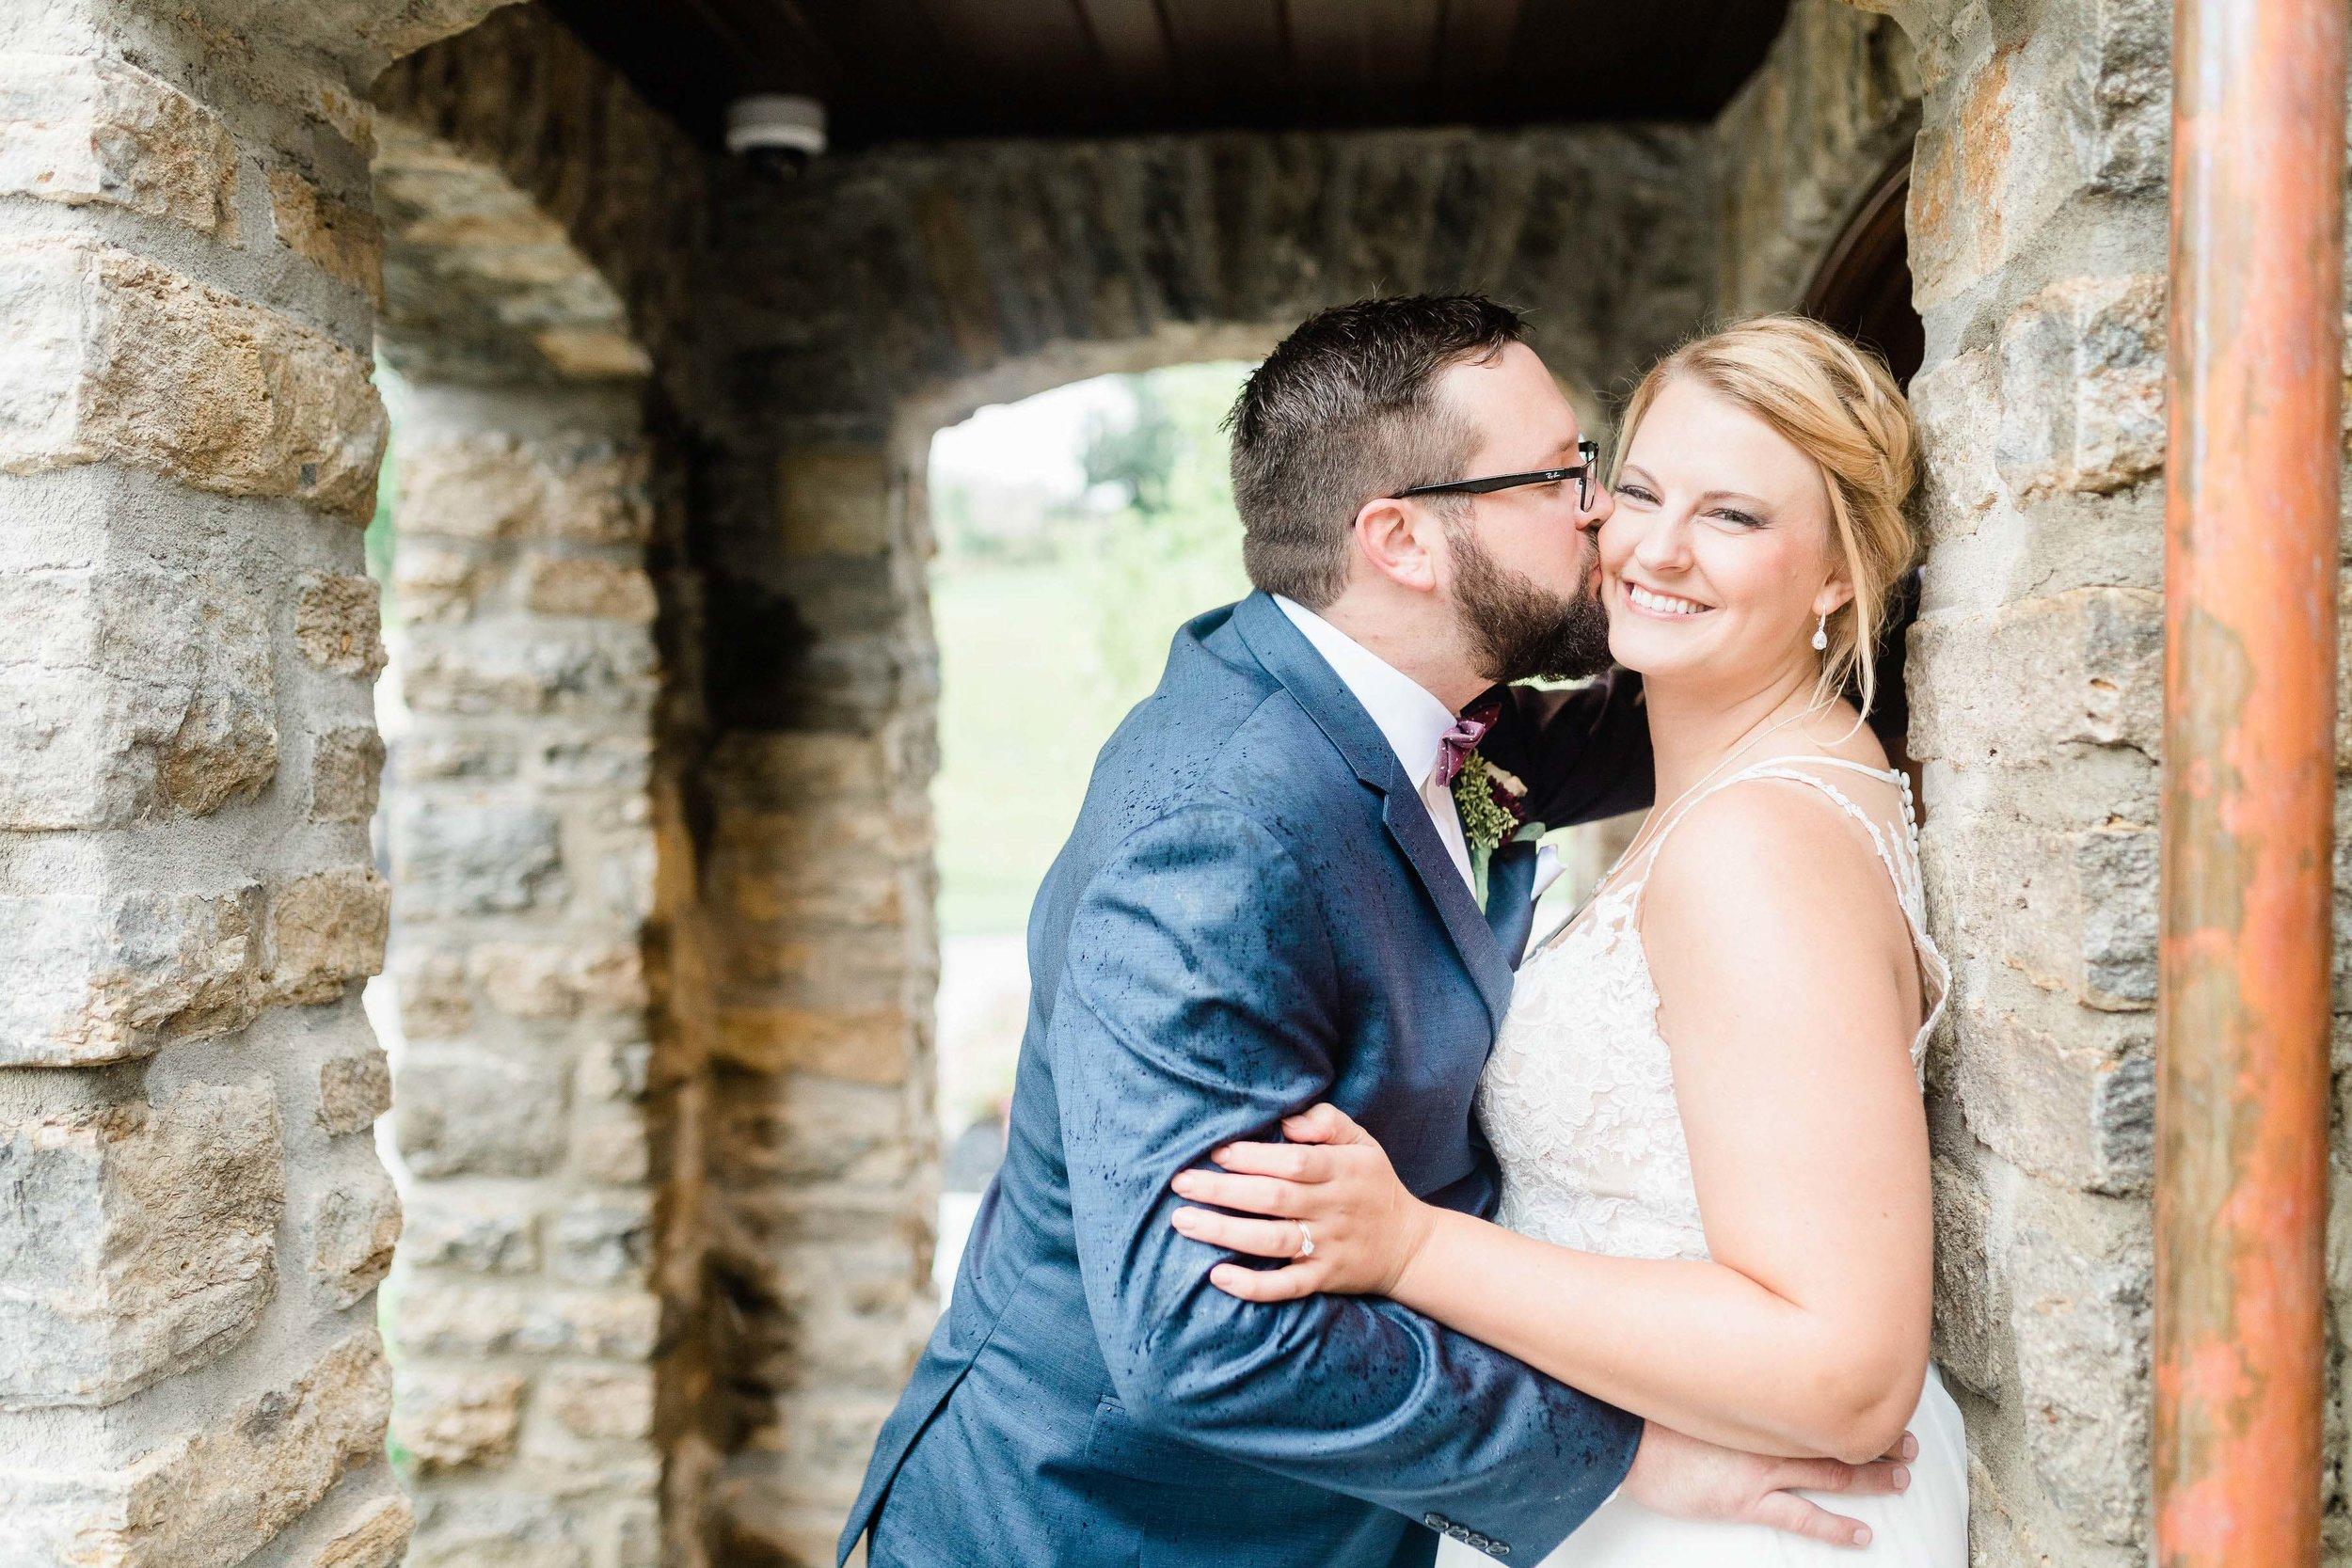 wedding photographers in cincinnati ohio-1.jpg